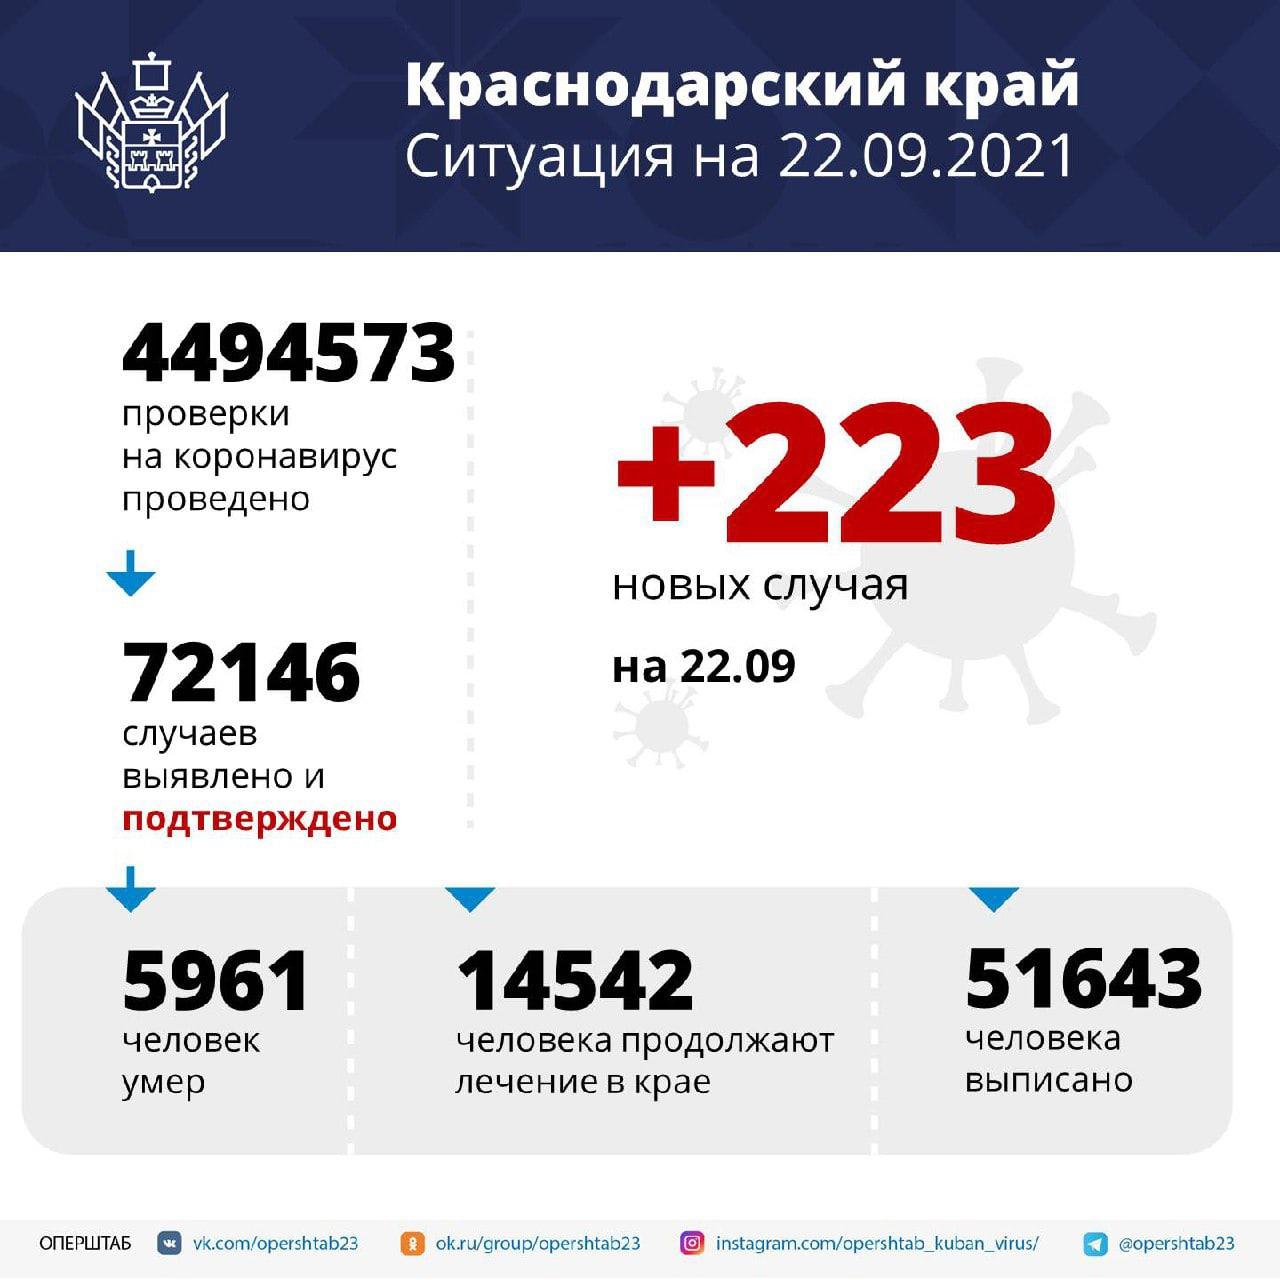 Более 14,5 тысяч жителей Кубани проходят лечение от...